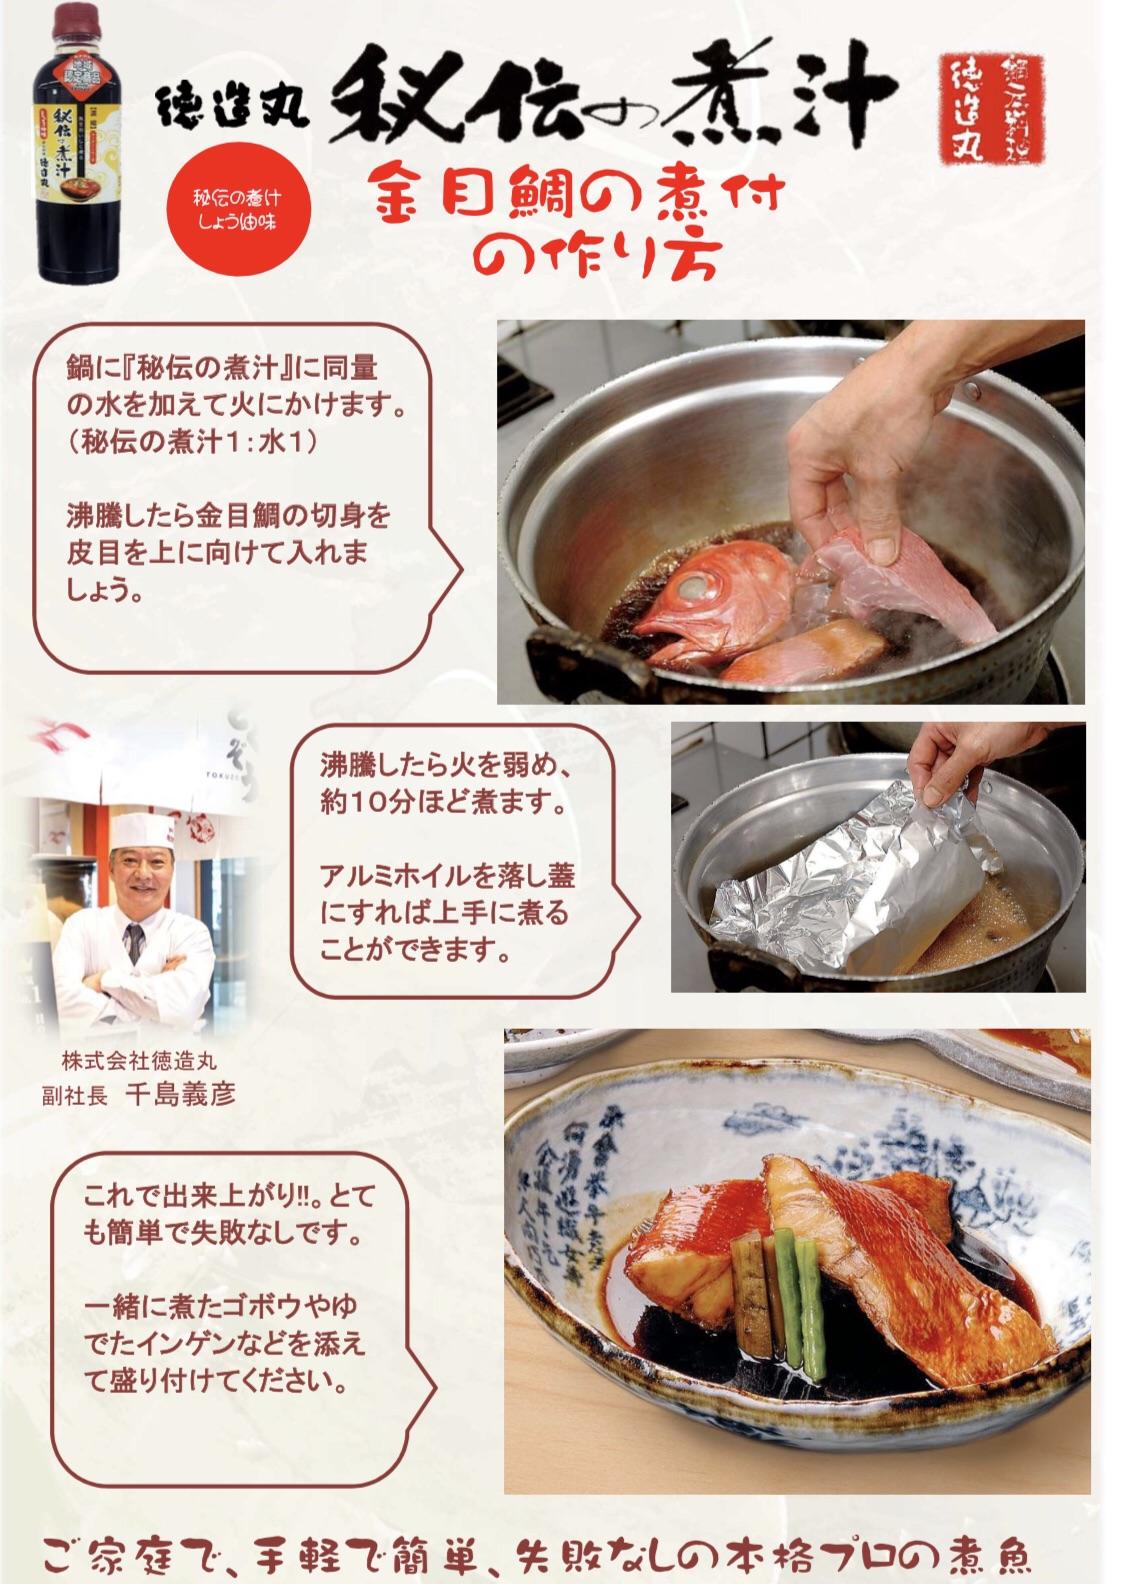 秘伝の煮汁レシピ 金目鯛の煮付け